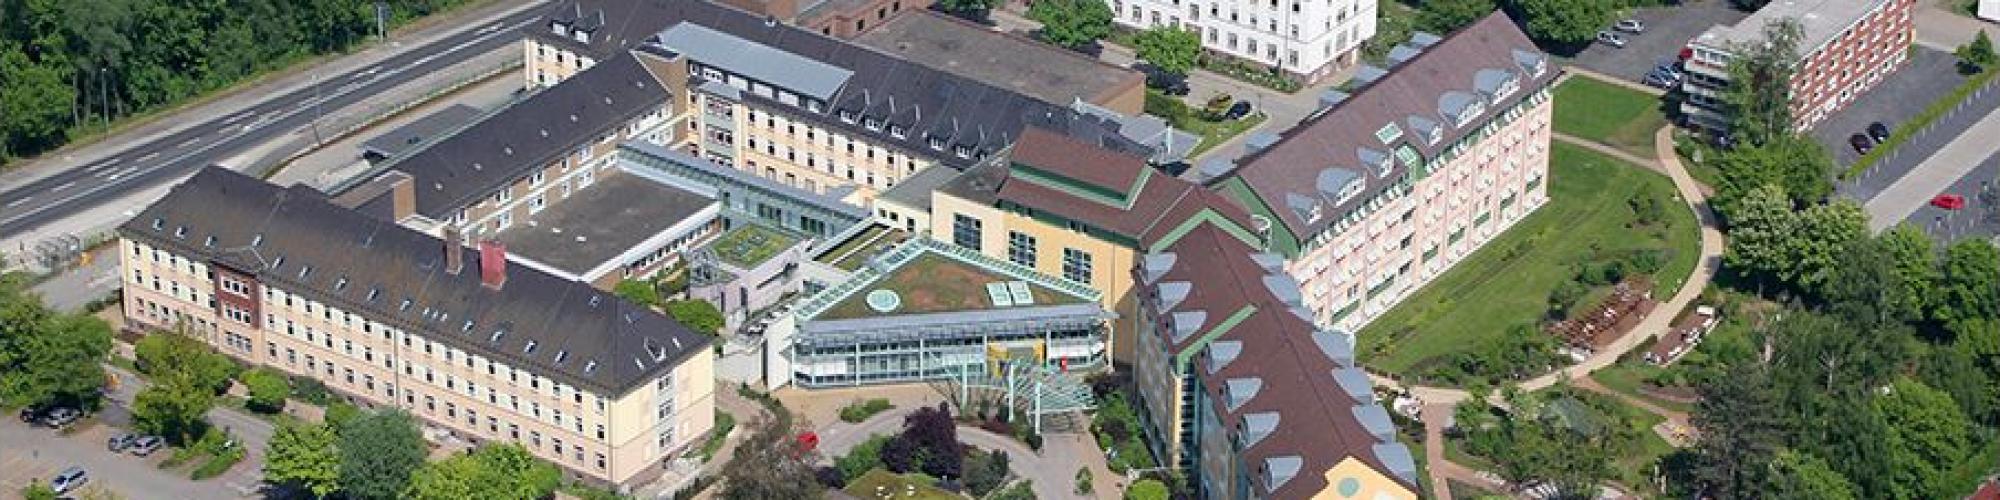 Evangelisches Krankenhaus Göttingen-Weende